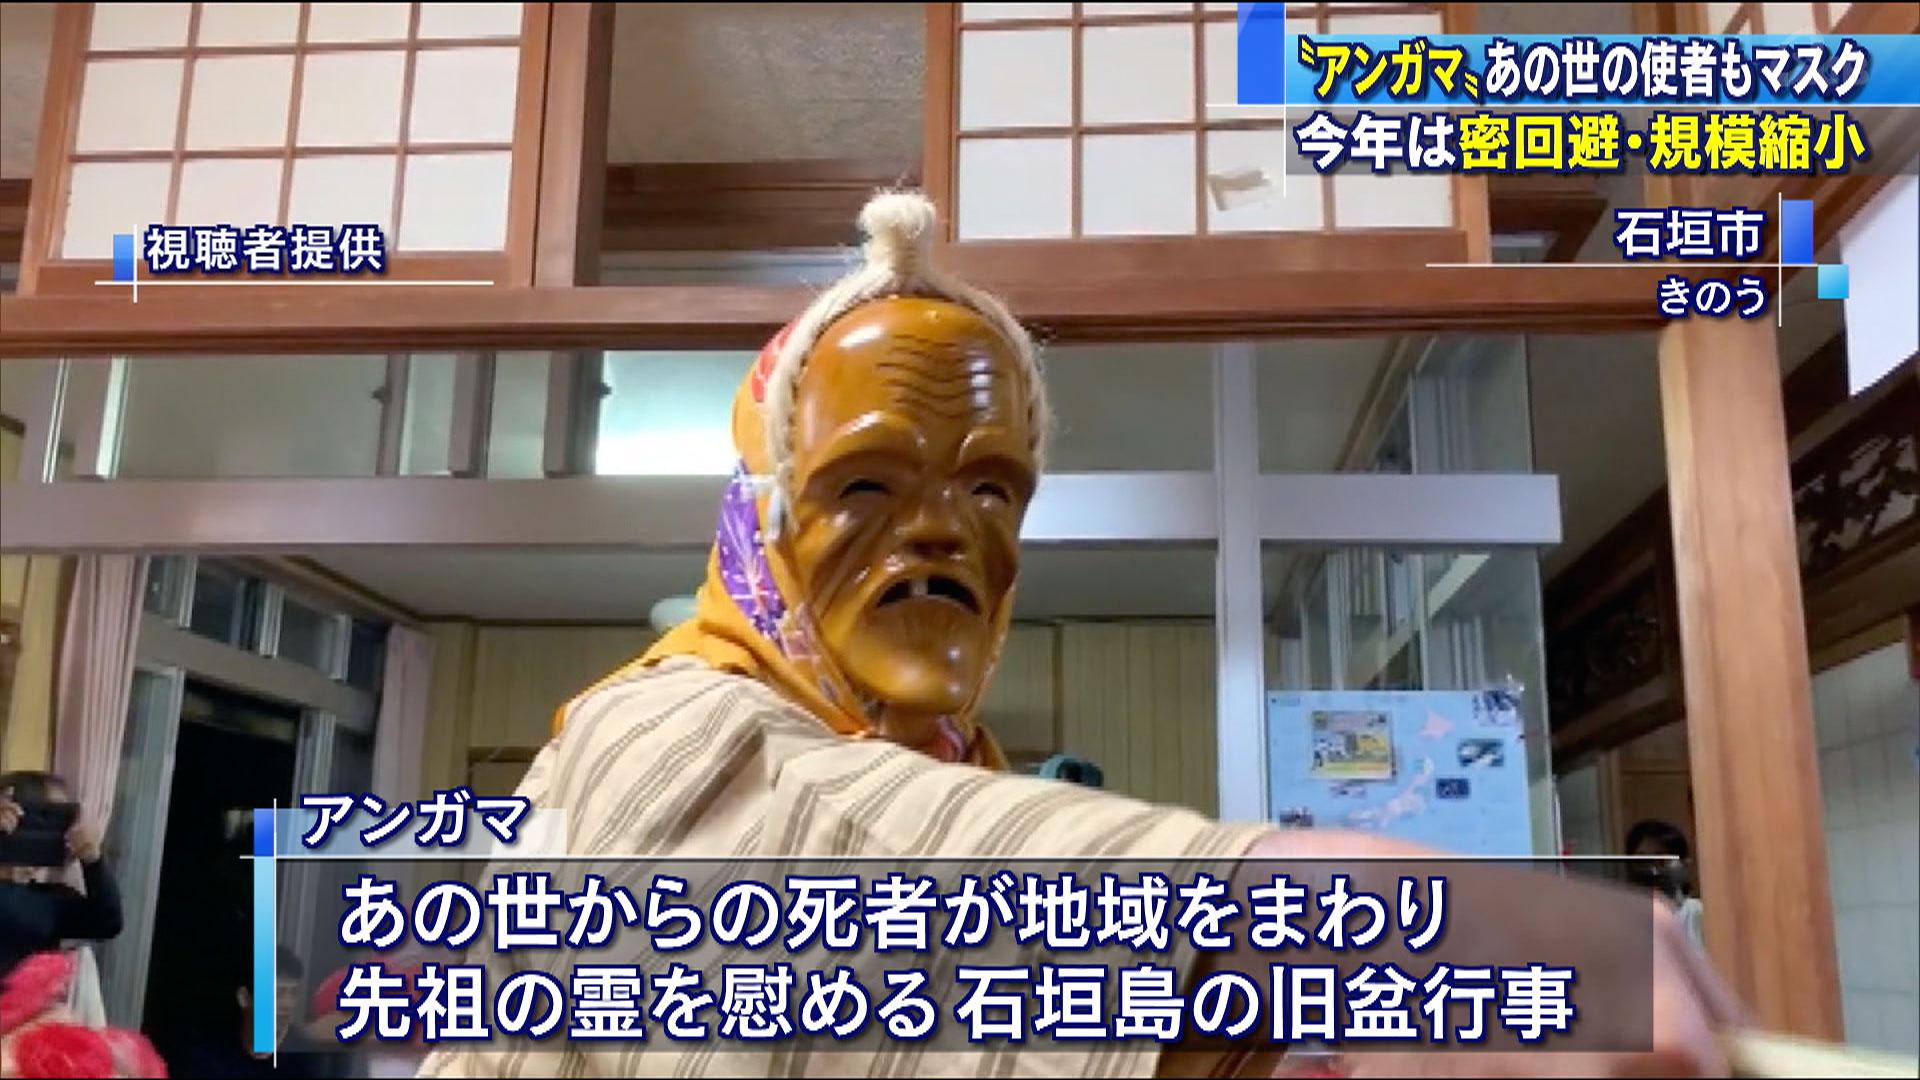 旧盆の石垣島でアンガマ あの世の使者もマスク